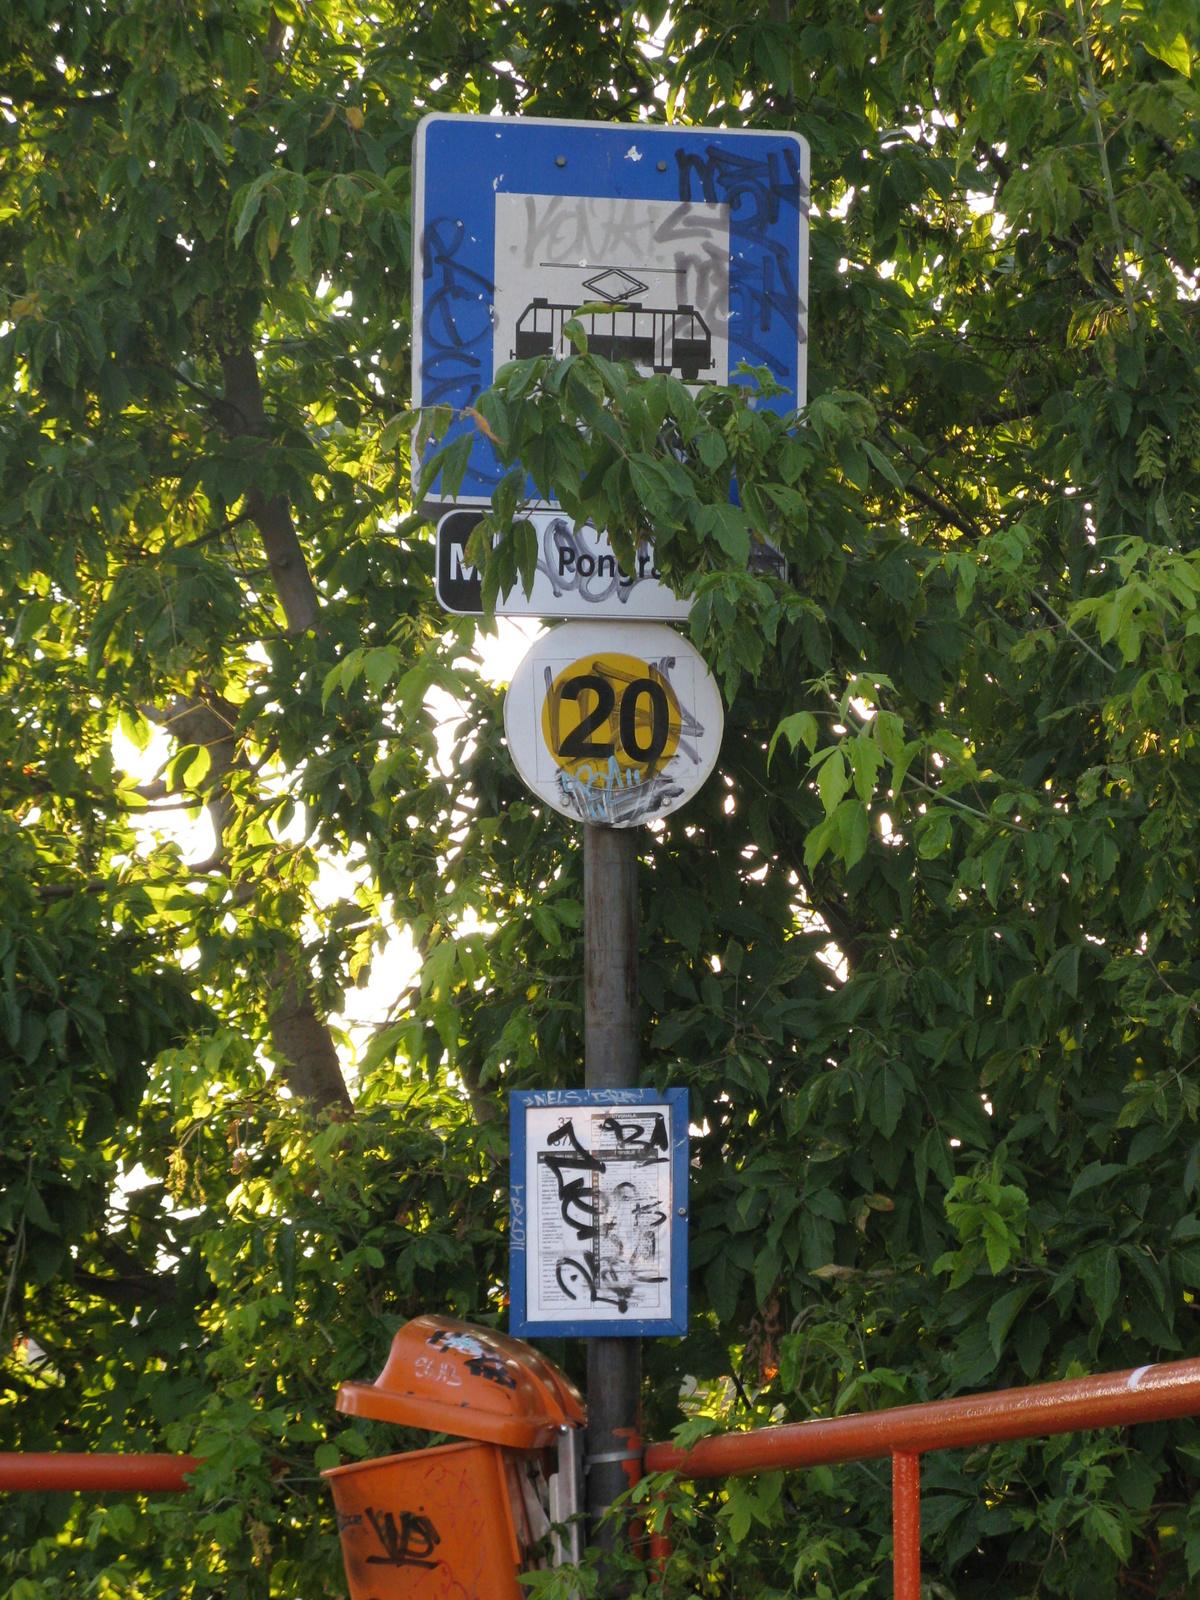 Villamos-megállóhely tábla